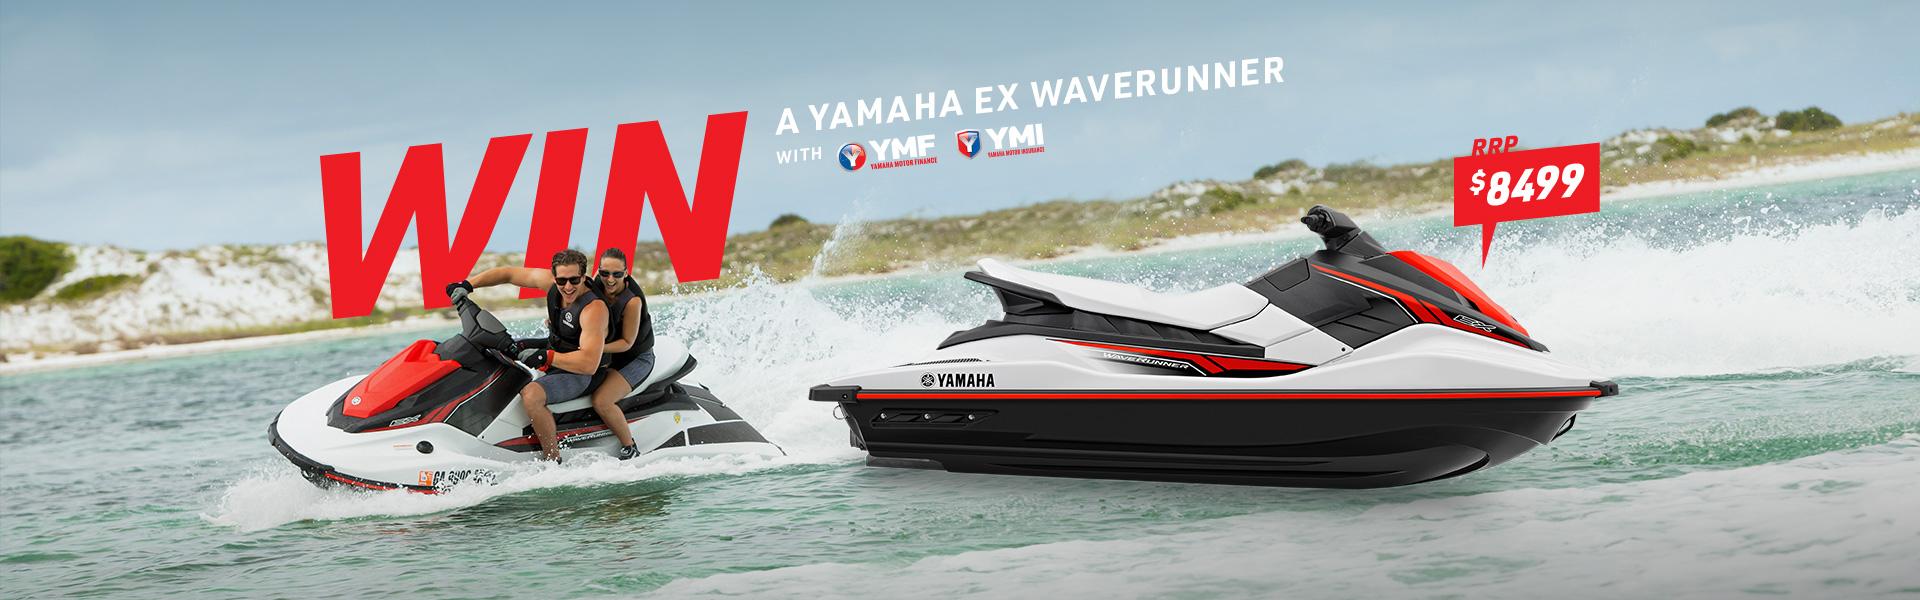 Yamaha Motor Finance & Insurance